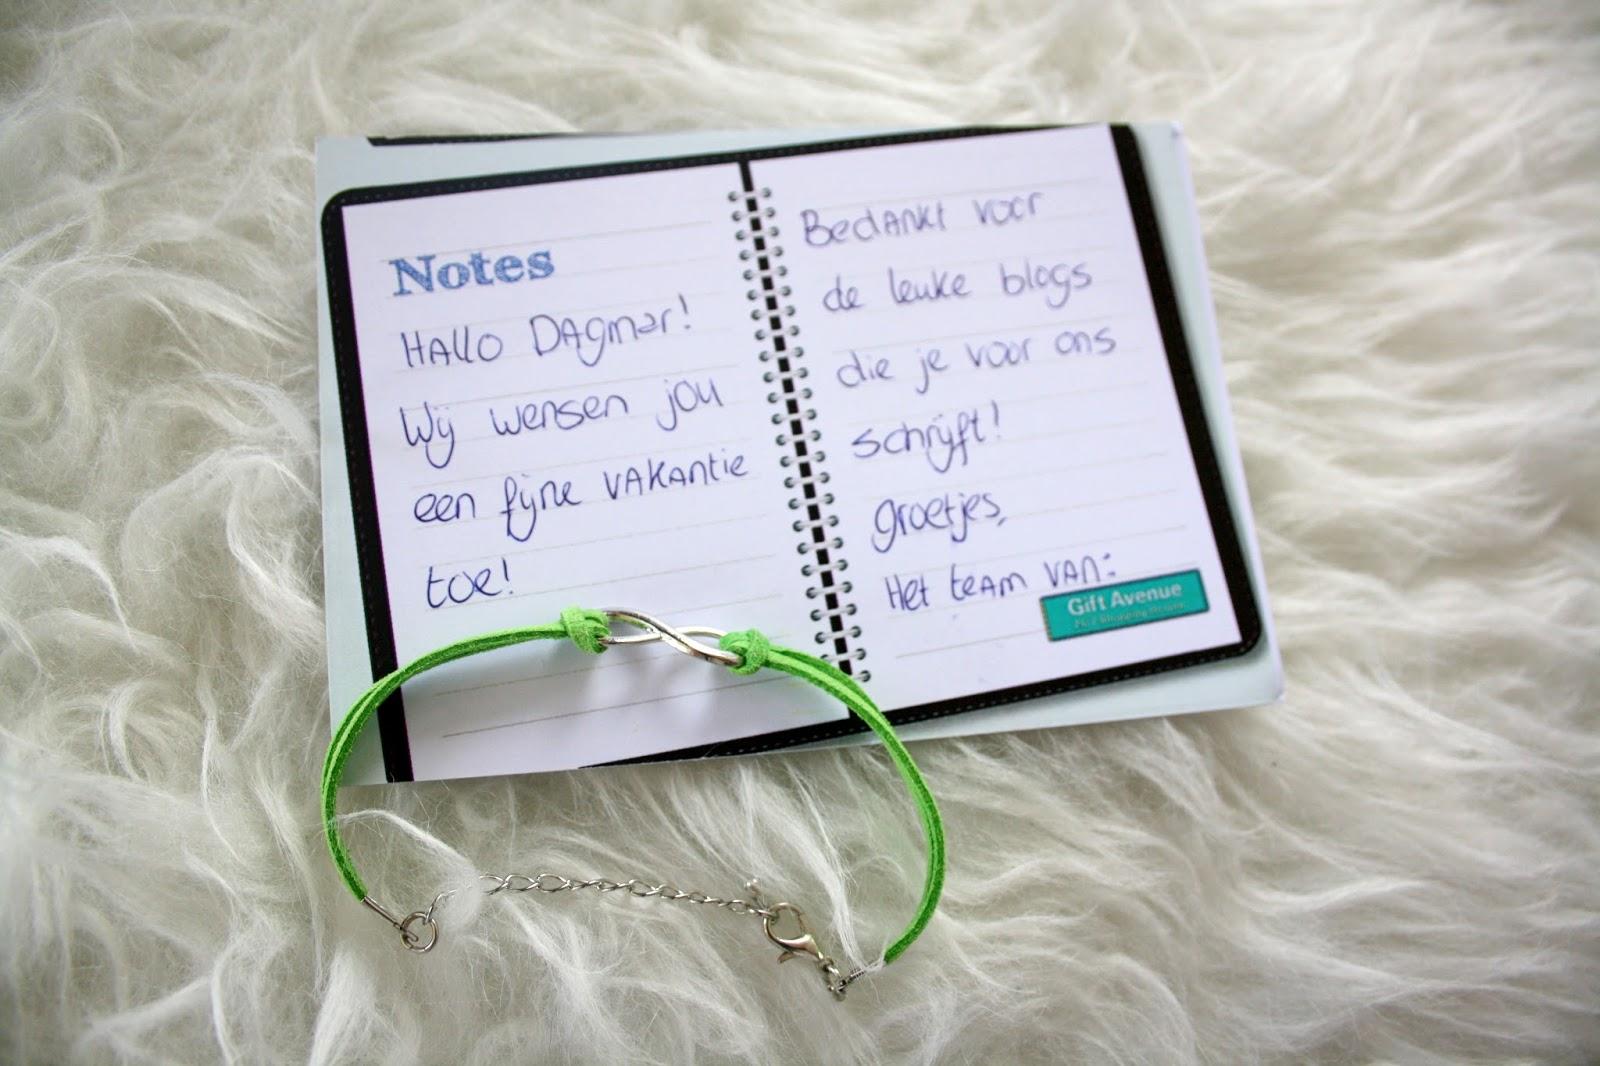 Uitzonderlijk By Dagmar Valerie - Cadeautje: infinity armband - By Dagmar Valerie OT23